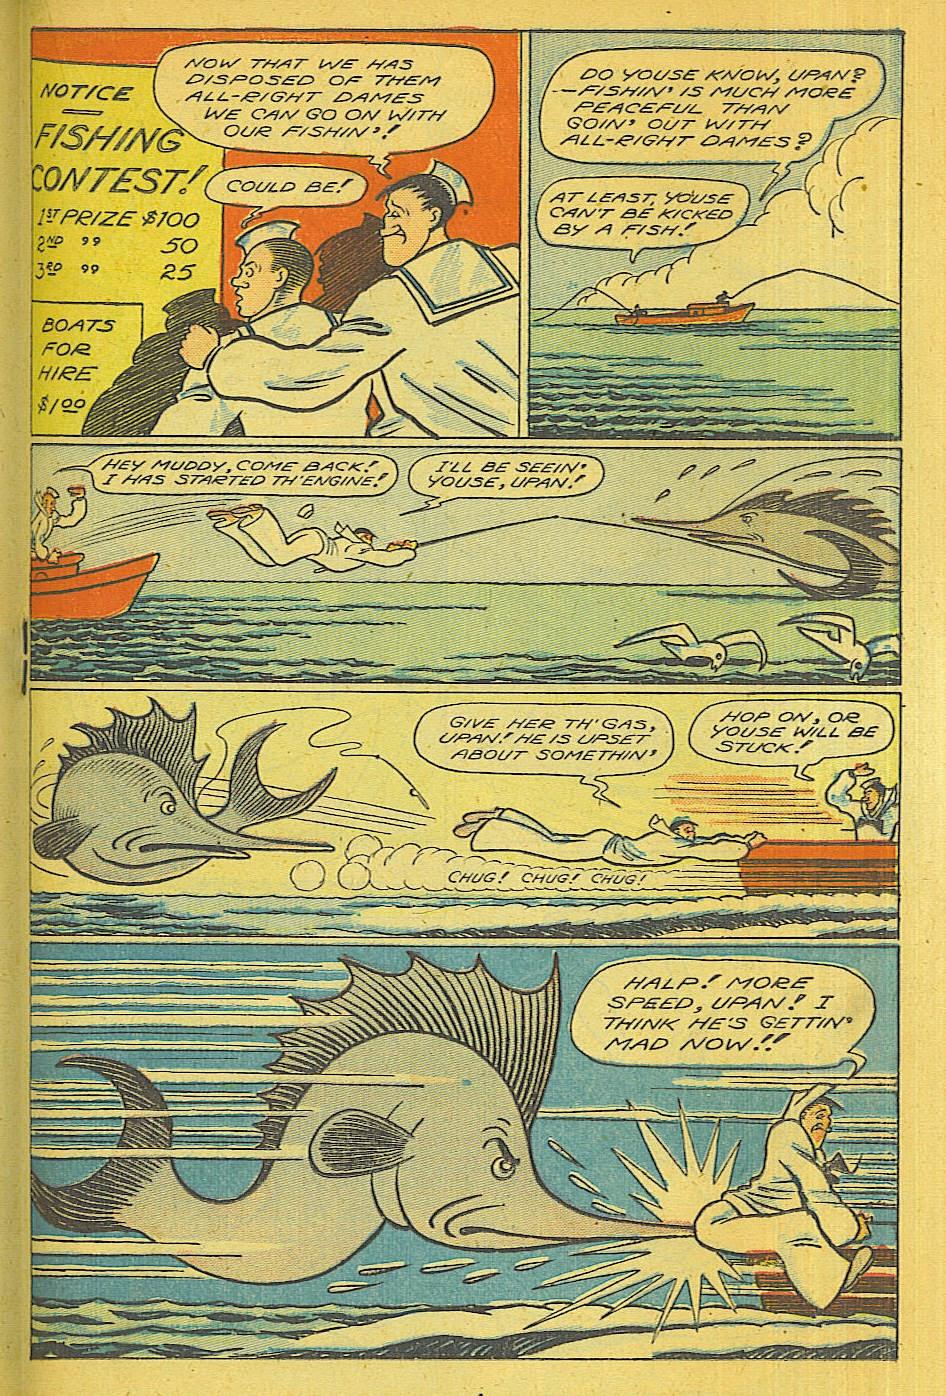 Read online Super-Magician Comics comic -  Issue #39 - 26